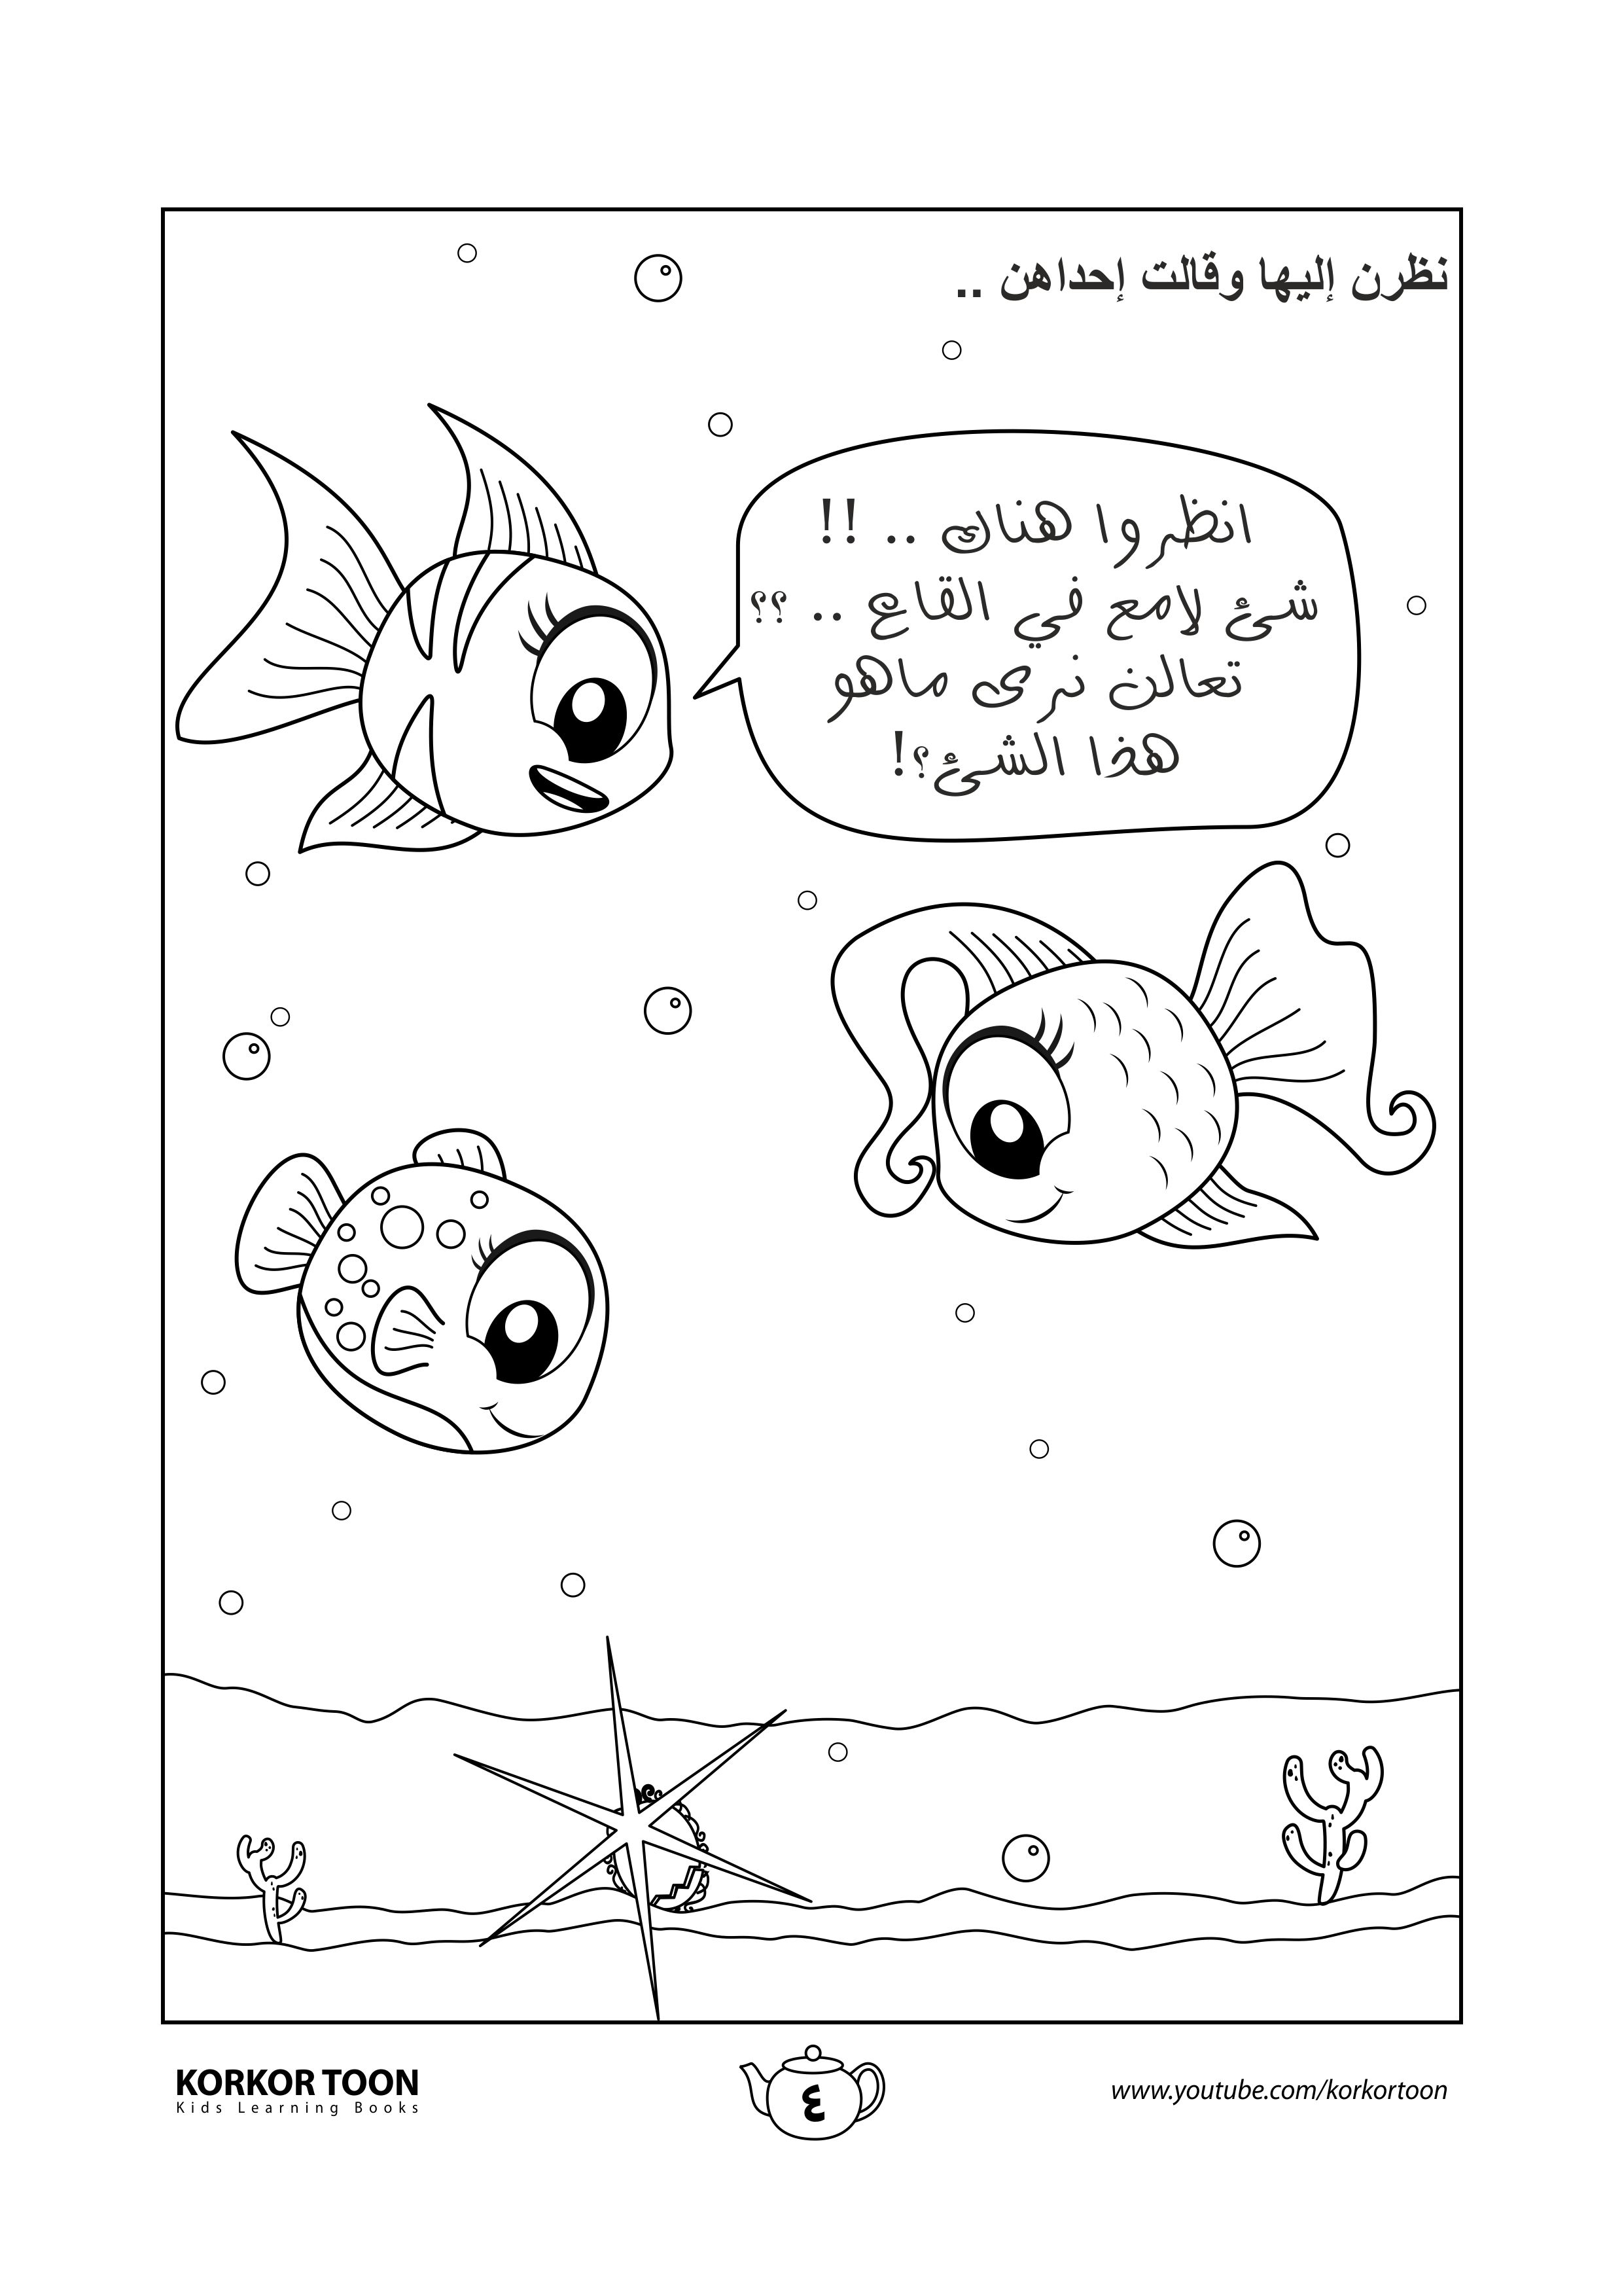 كتاب تلوين قصة السمكة المميزة صفحة 4 In 2021 Coloring Books Books Color